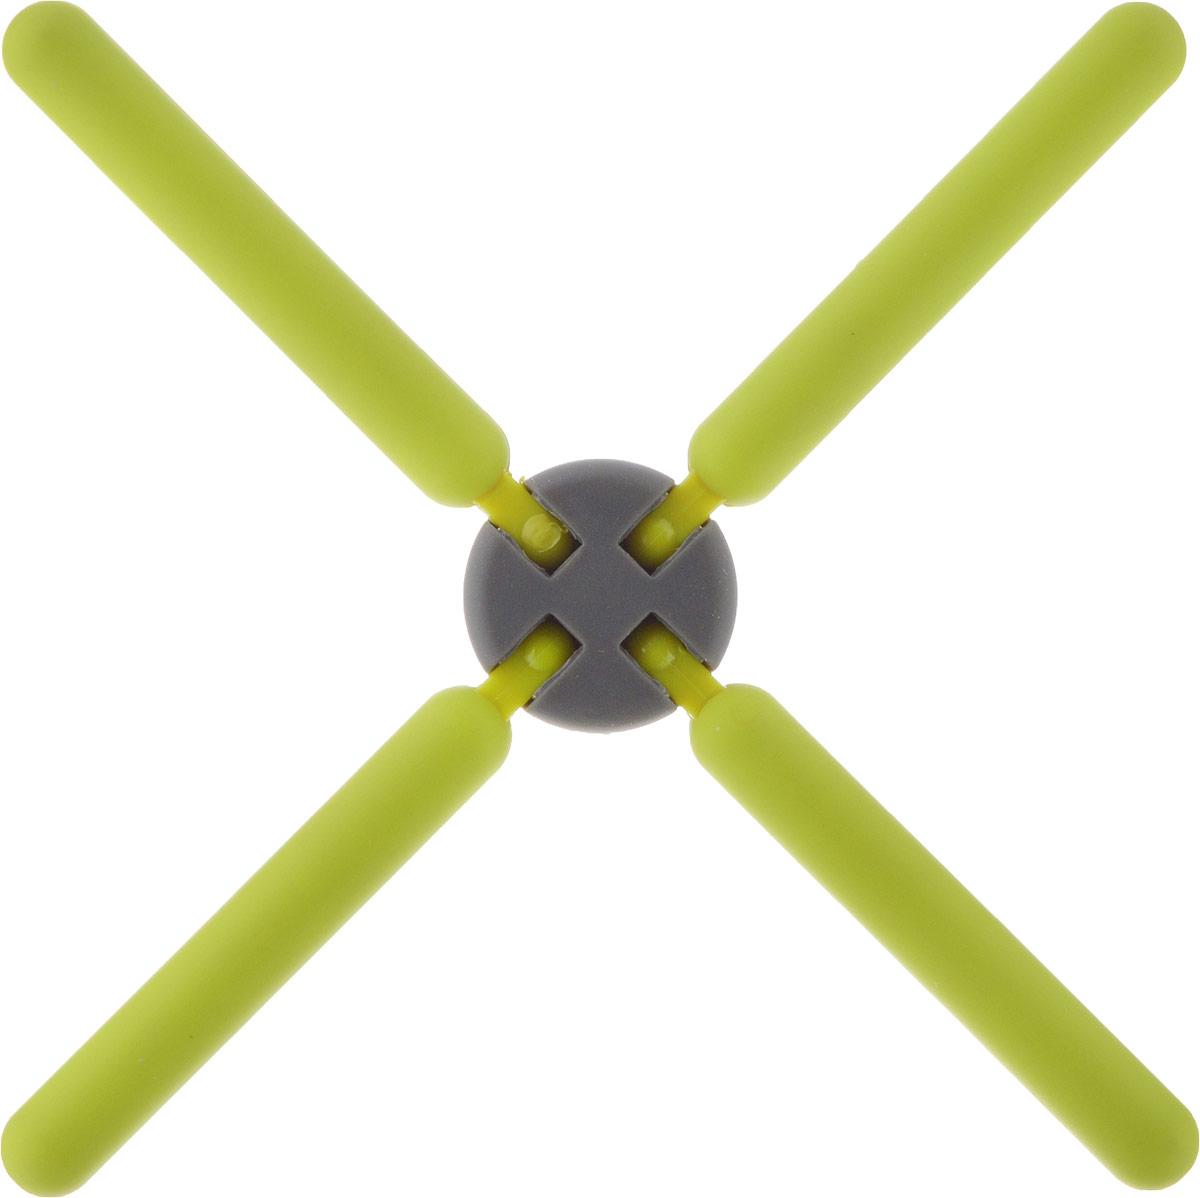 Подставка под горячее Mayer & Boch, цвет: светло-зеленый, 22 см. 21939-121939-1Подставка под горячее Mayer & Boch изготовлена из термостойкого силикона.Имеет красивый дизайн, яркие цвета. Подставка оформлена в виде 4 палочек, соединенных в середине. Складная. Занимает мало места. Раскладывается на 4 стороны.